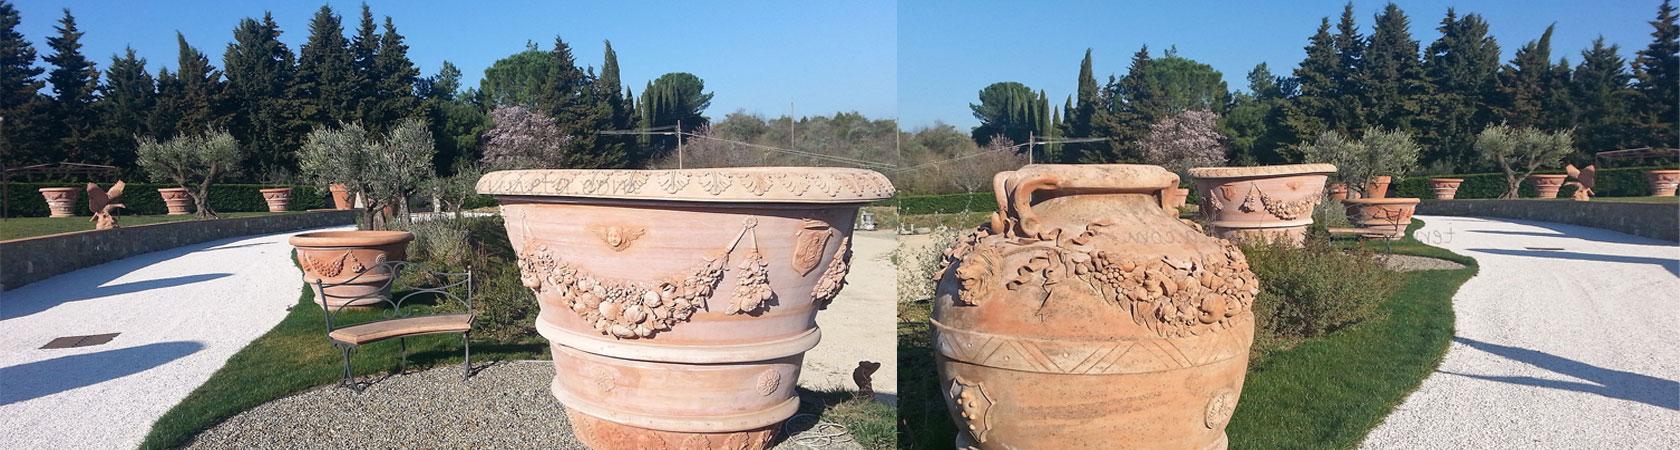 Termuhlen Terracotta Impruneta Extrem Grosse Terracotta Amphoren Und